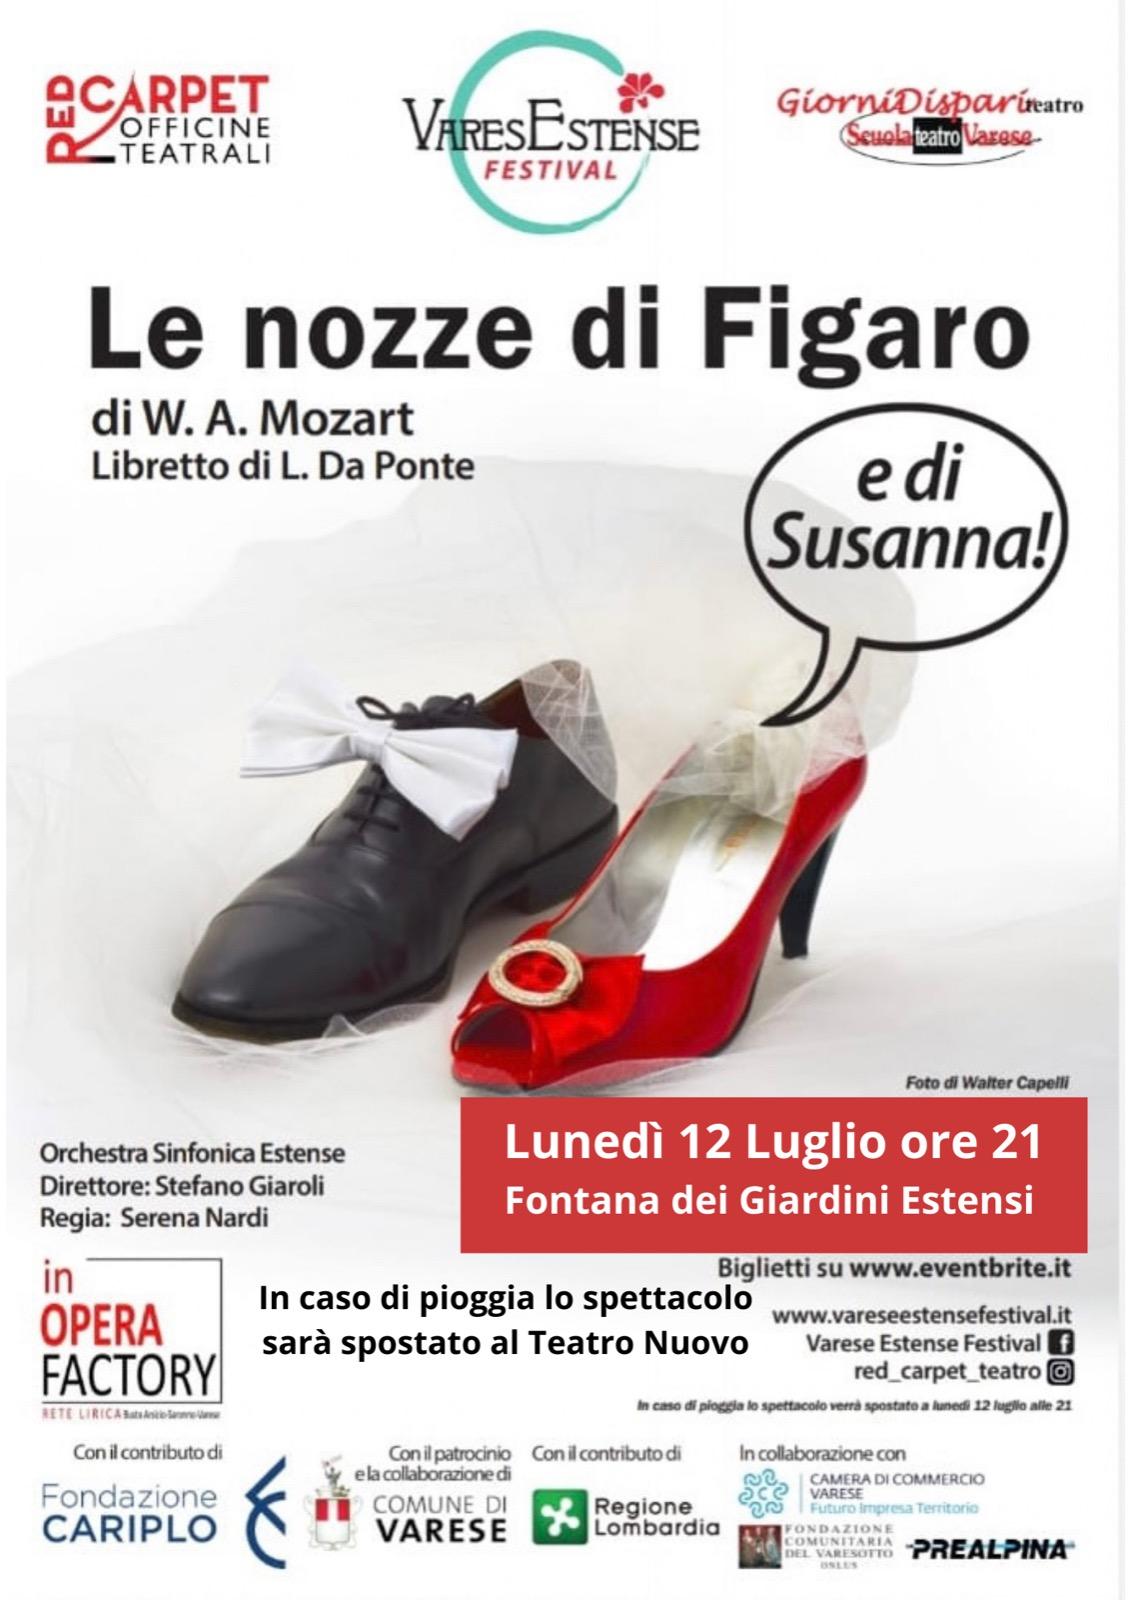 Le nozze di Figaro chiudono il Varese Estense Festival